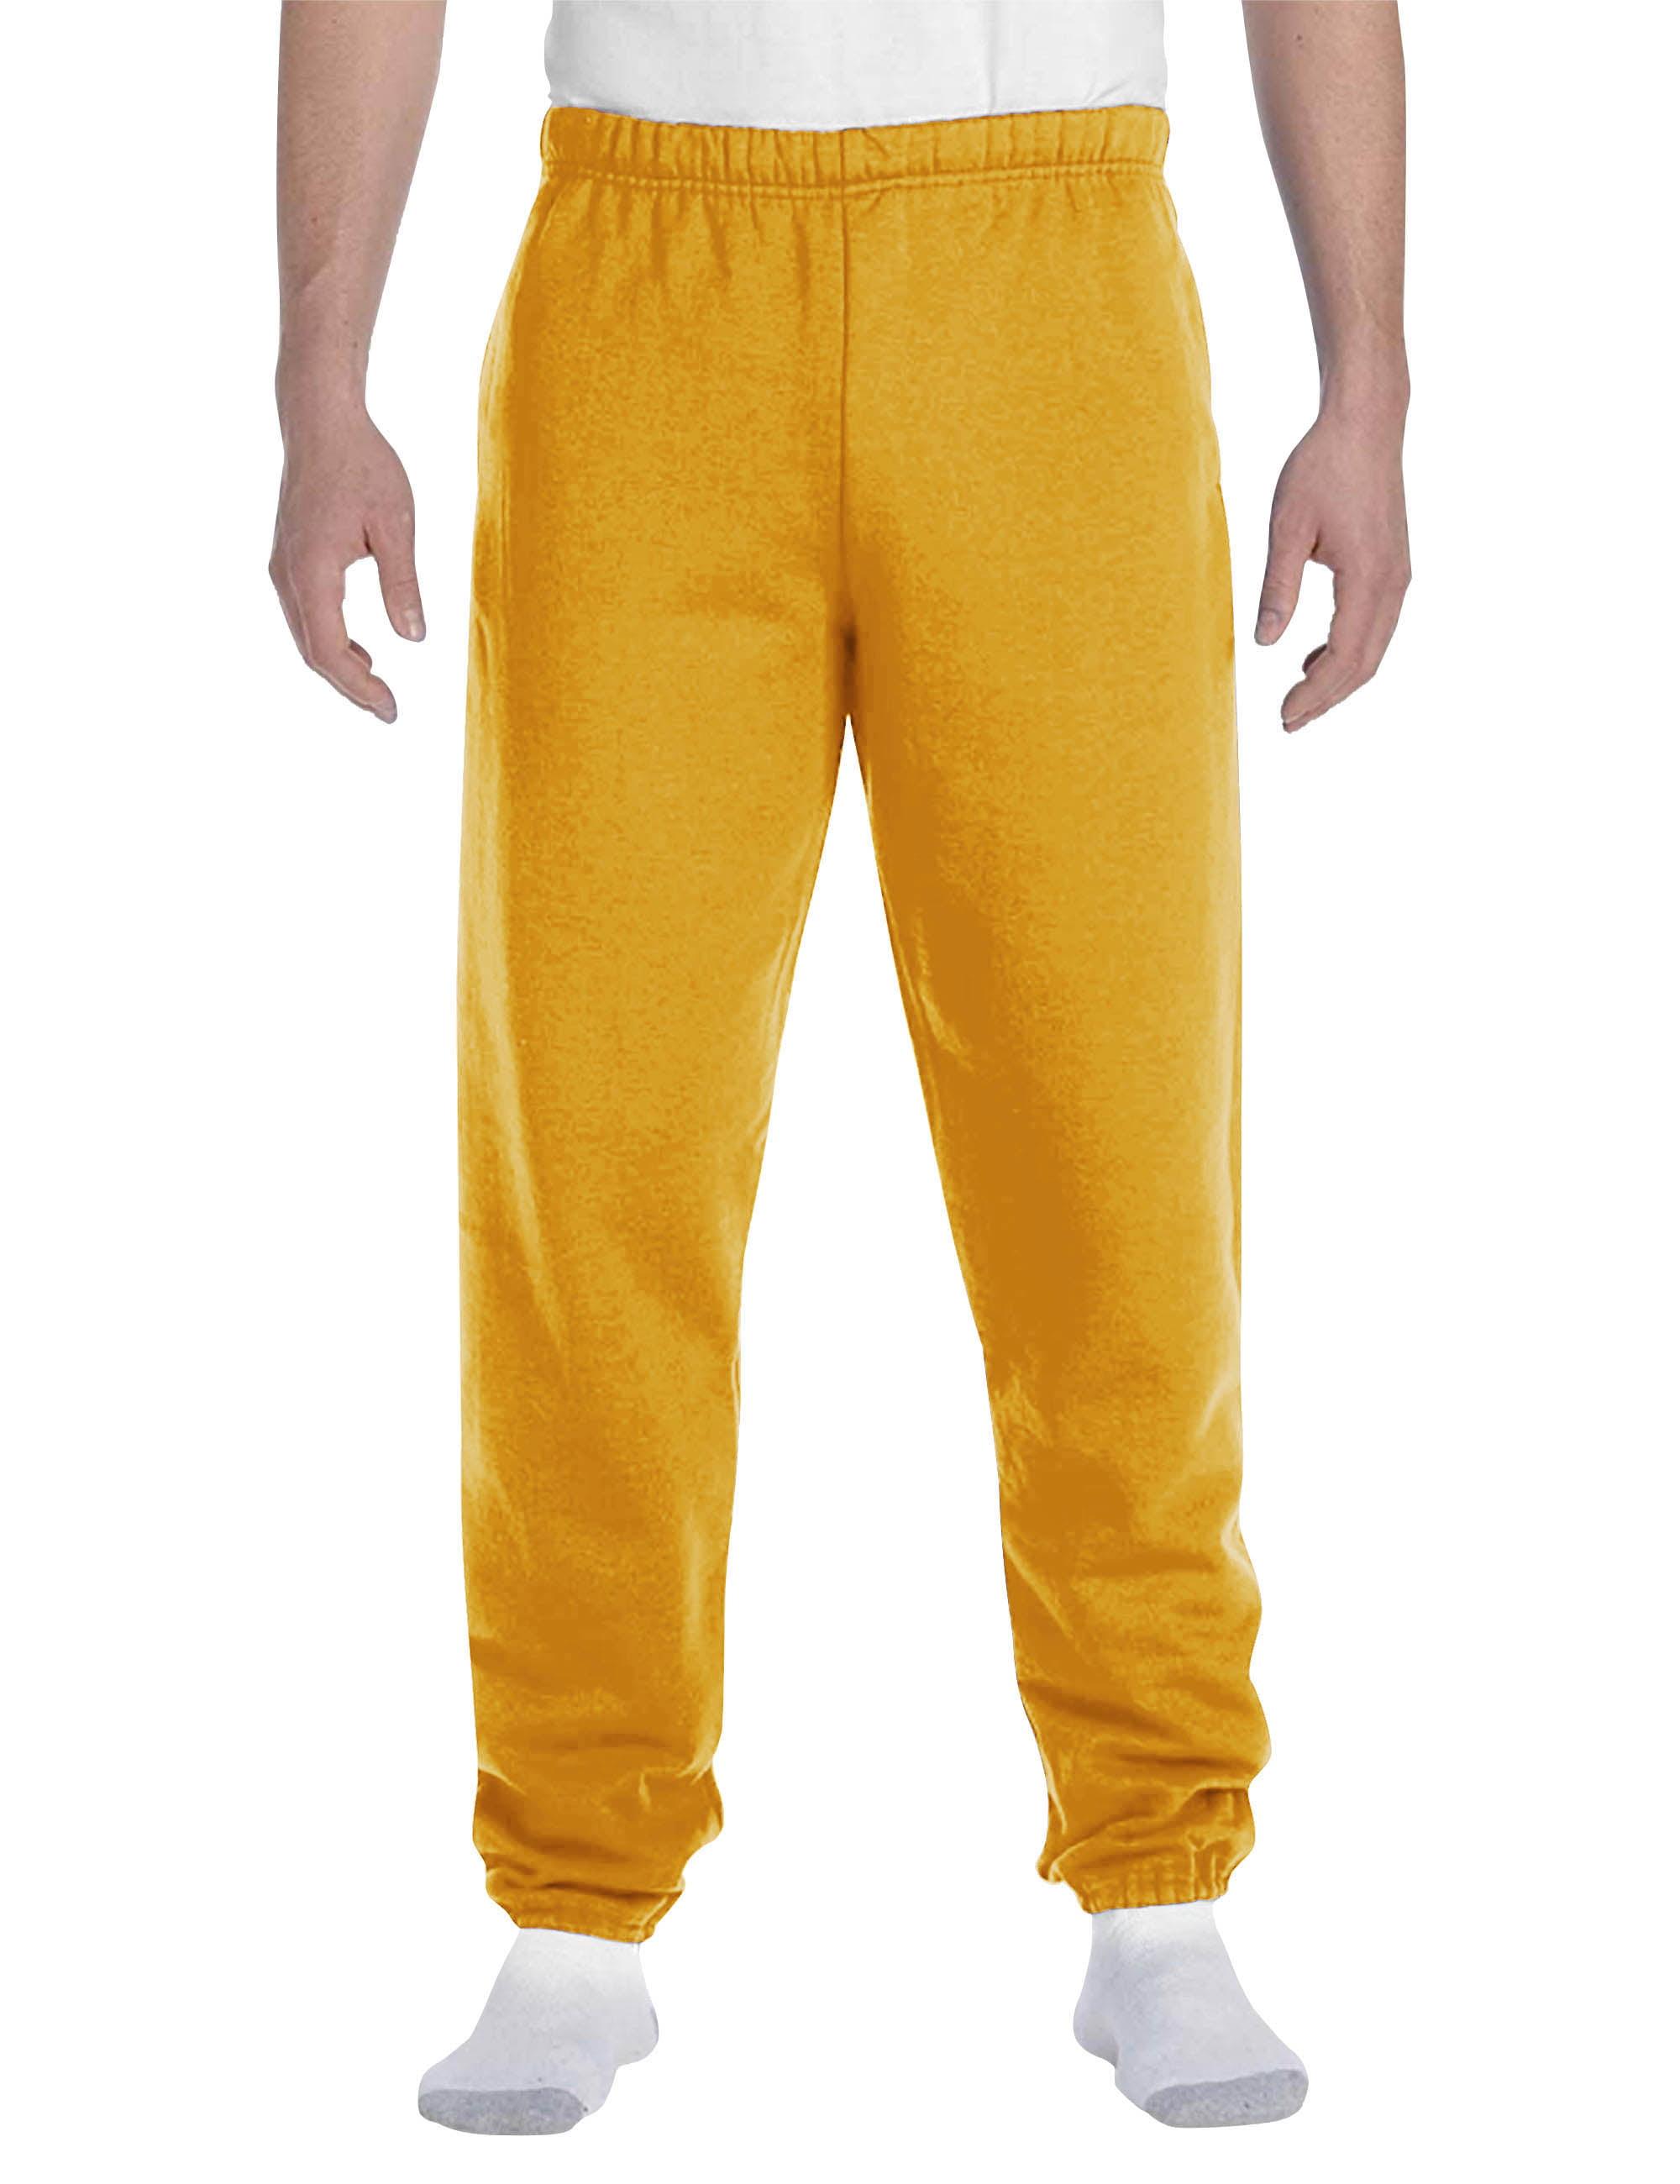 Hshs Krav MAGA Mixed Martial Arts Mens Basic Athletic Sweatpants Jogger Pants with Pockets